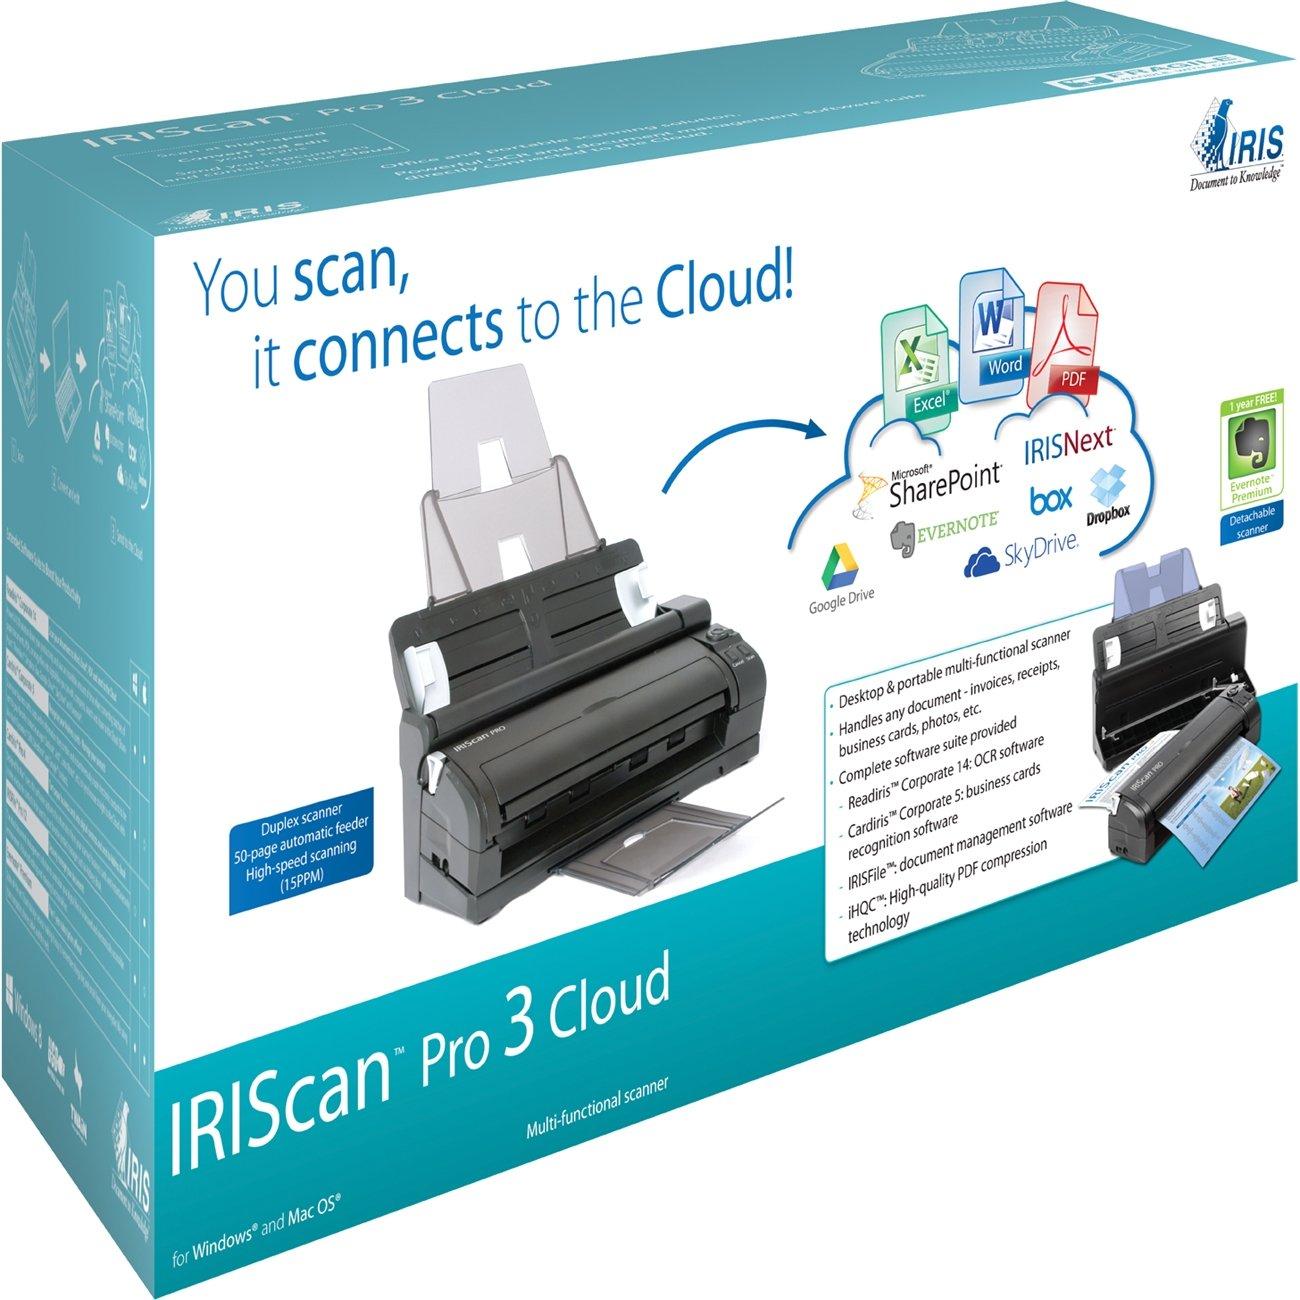 Amazon.com: IRIScan Pro 3 Cloud Portable Color Scanner: Electronics